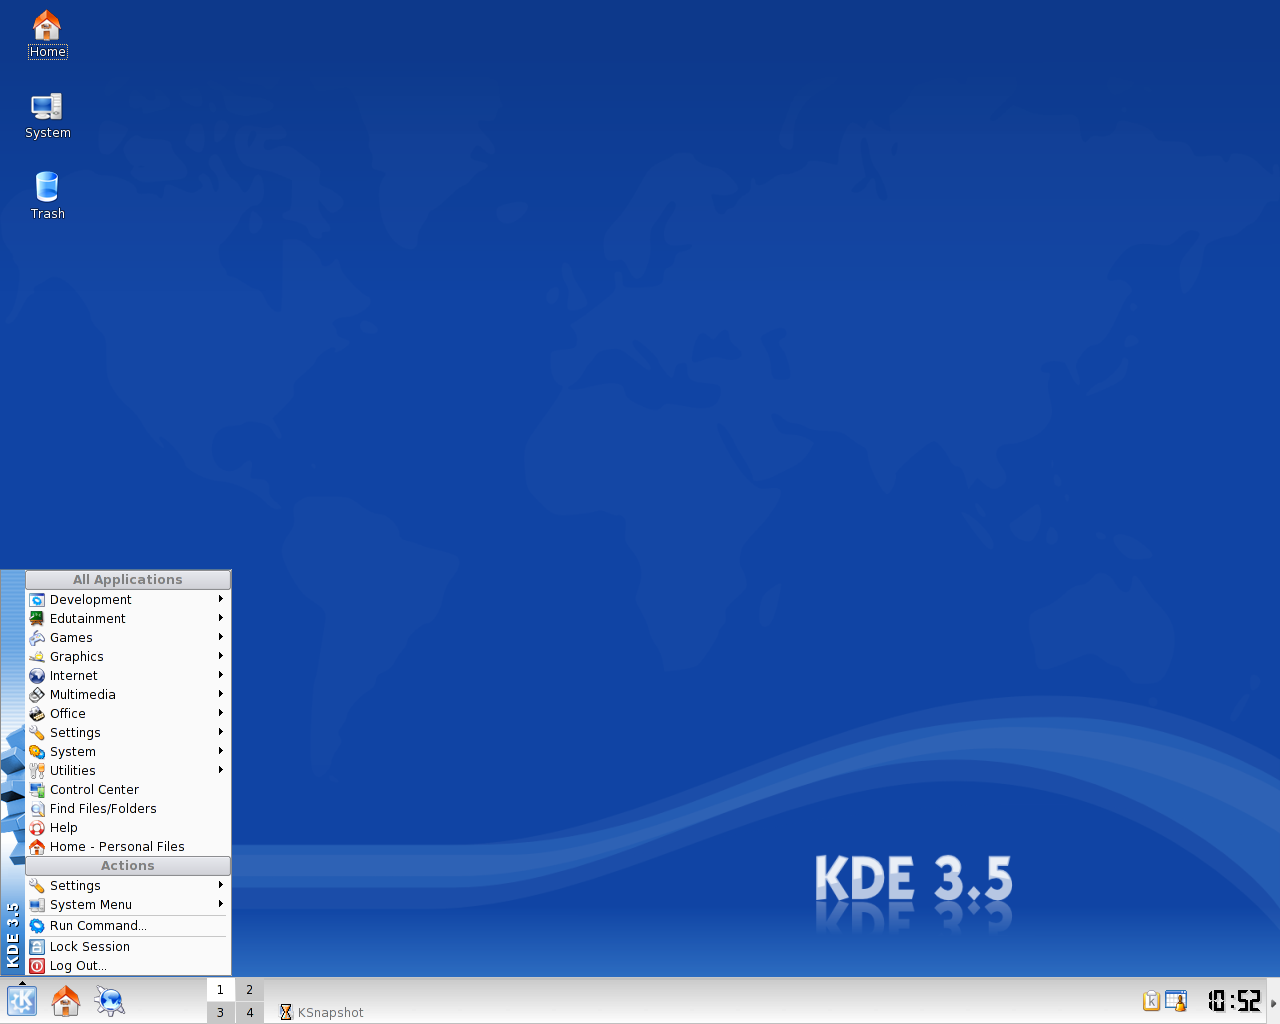 KDE 3.5 Start Menu